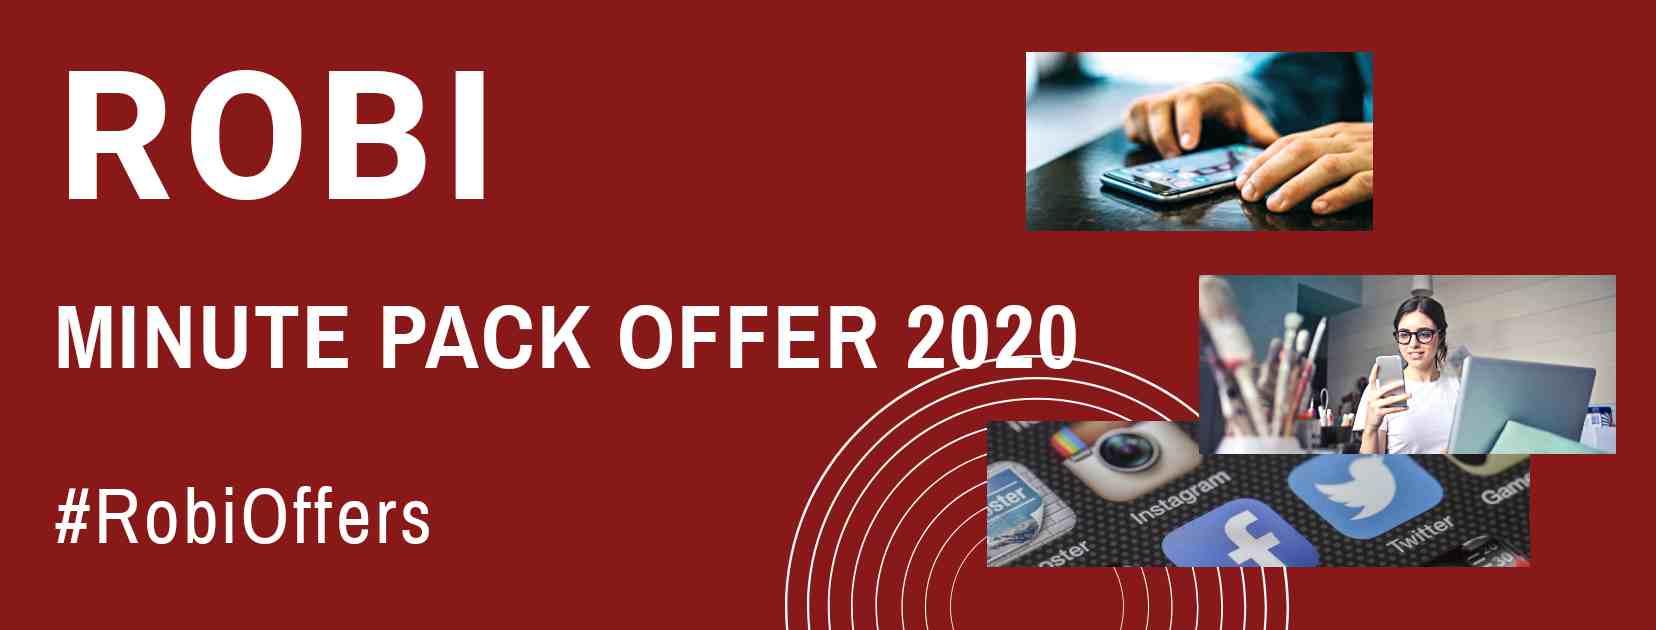 Robi Minute Pack Offer 2021- List of All Bundle Offer